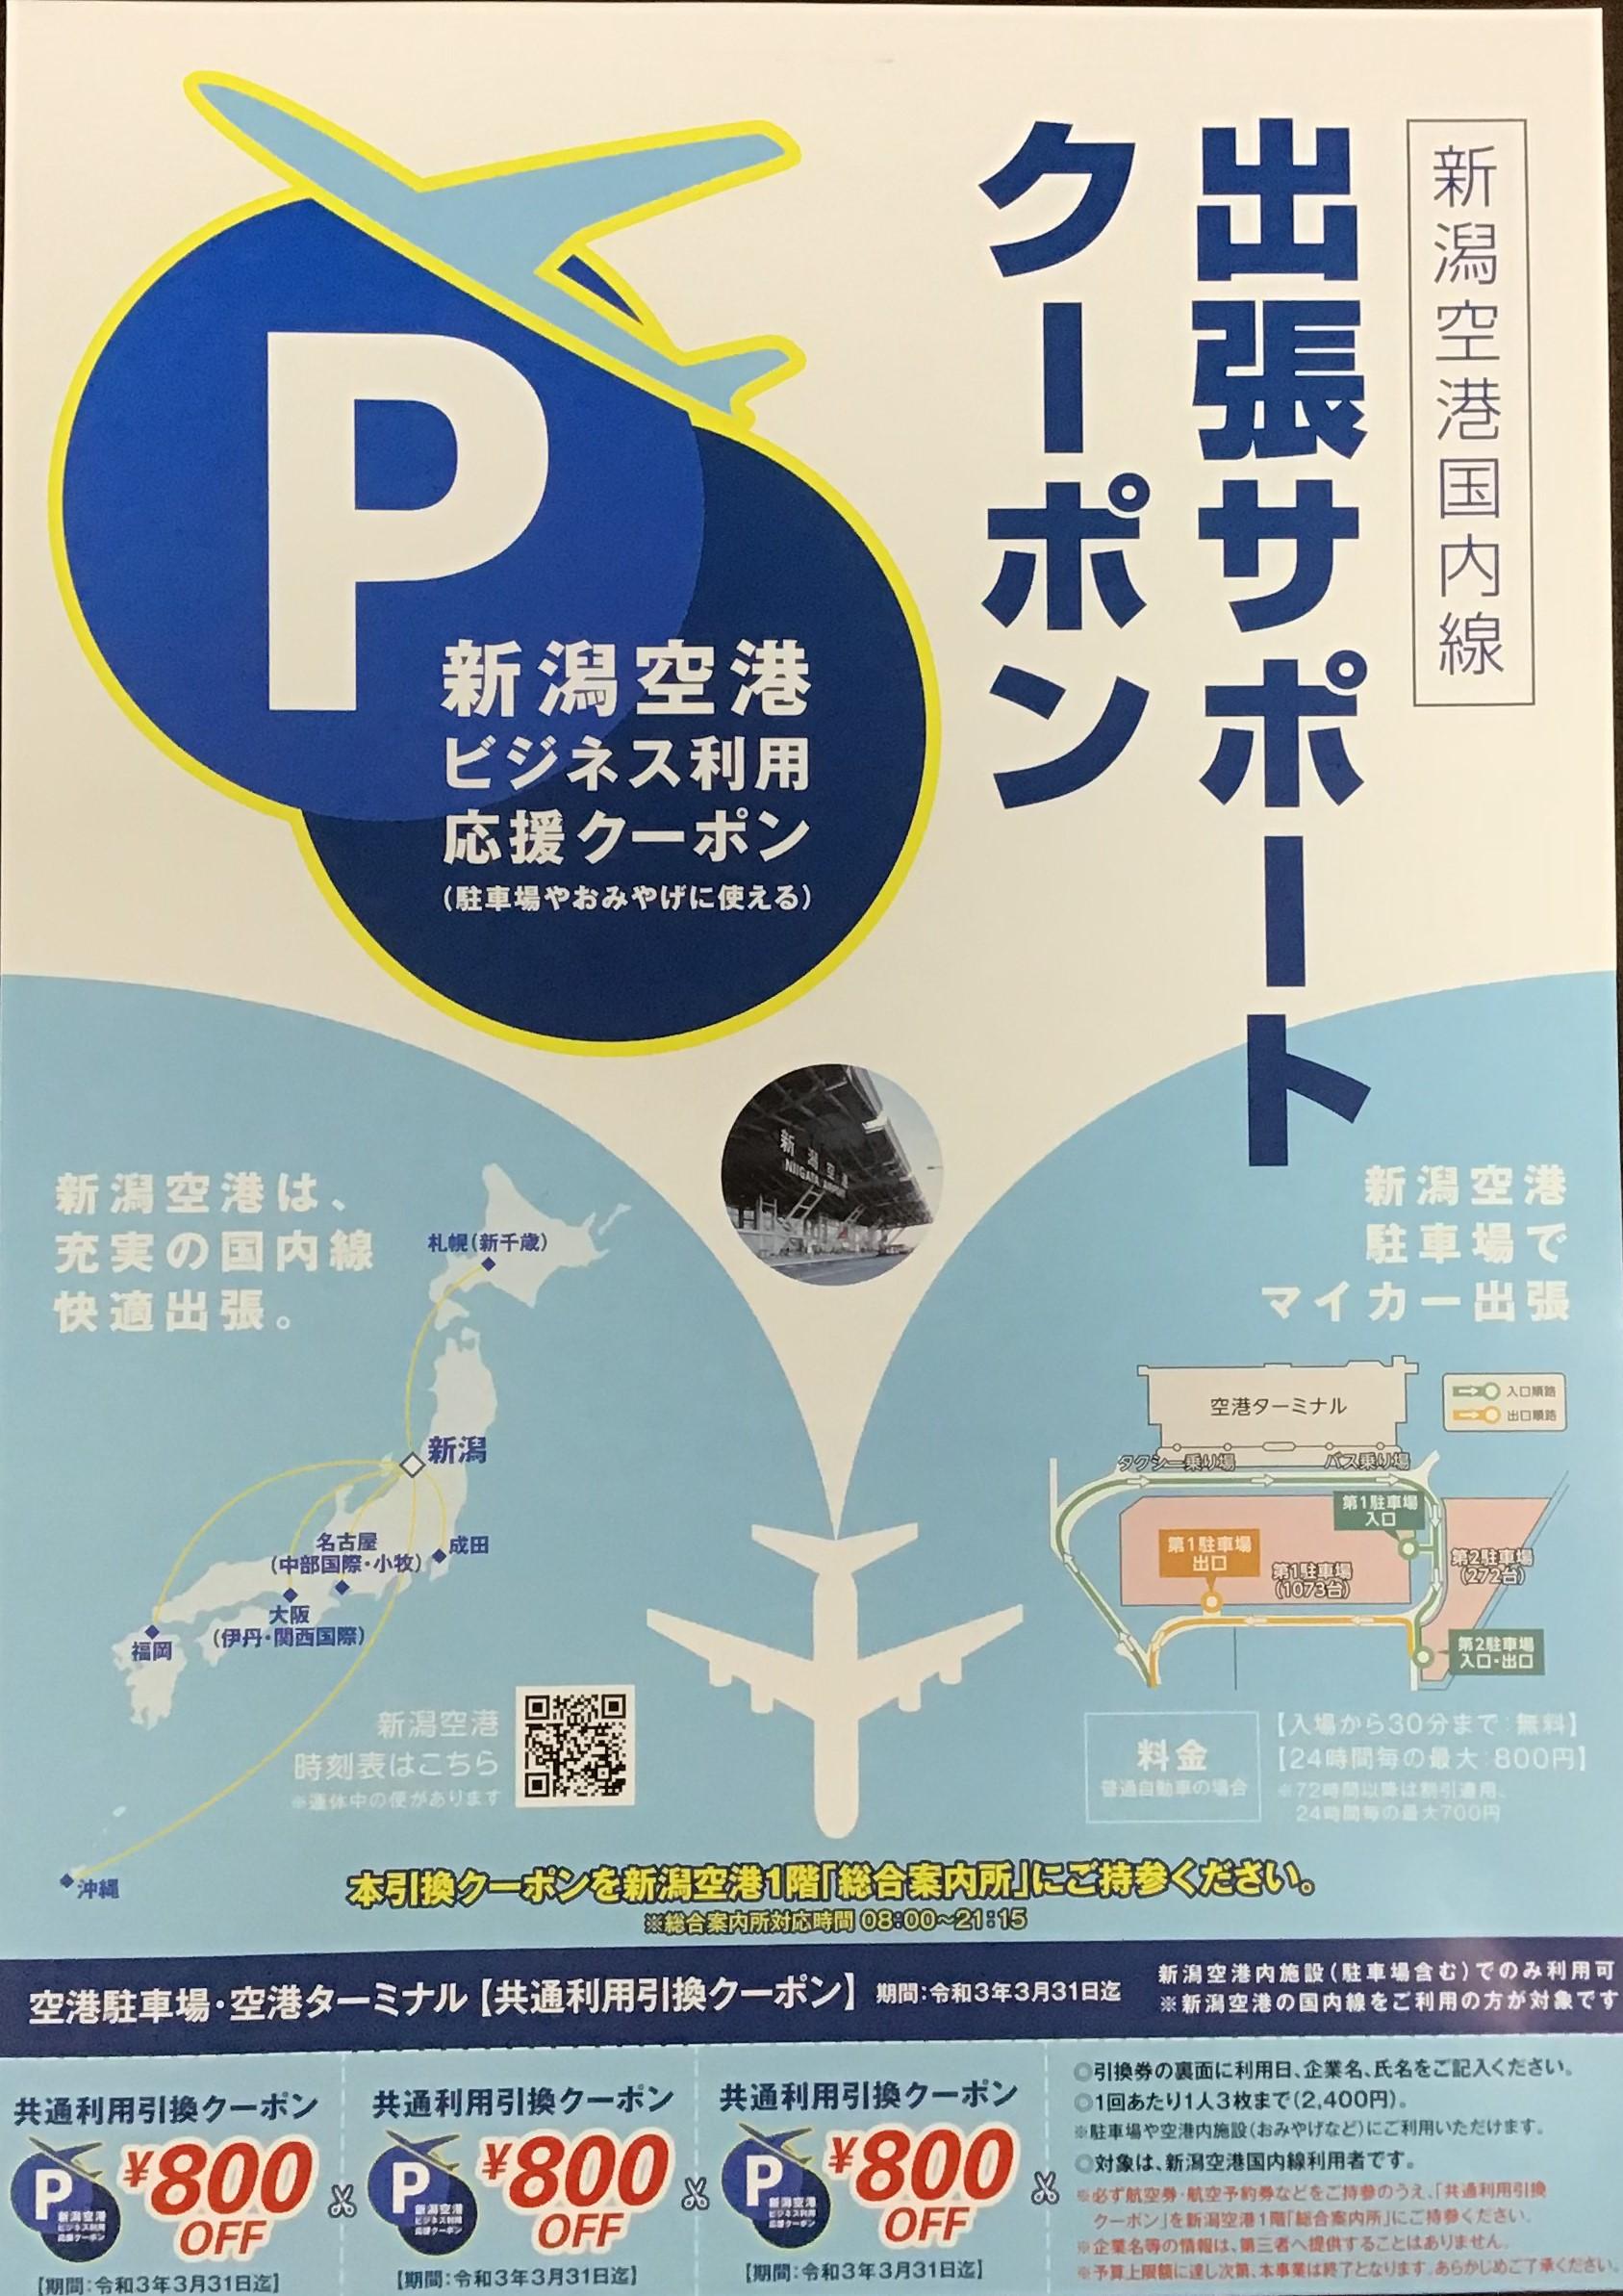 新潟空港利用促進策